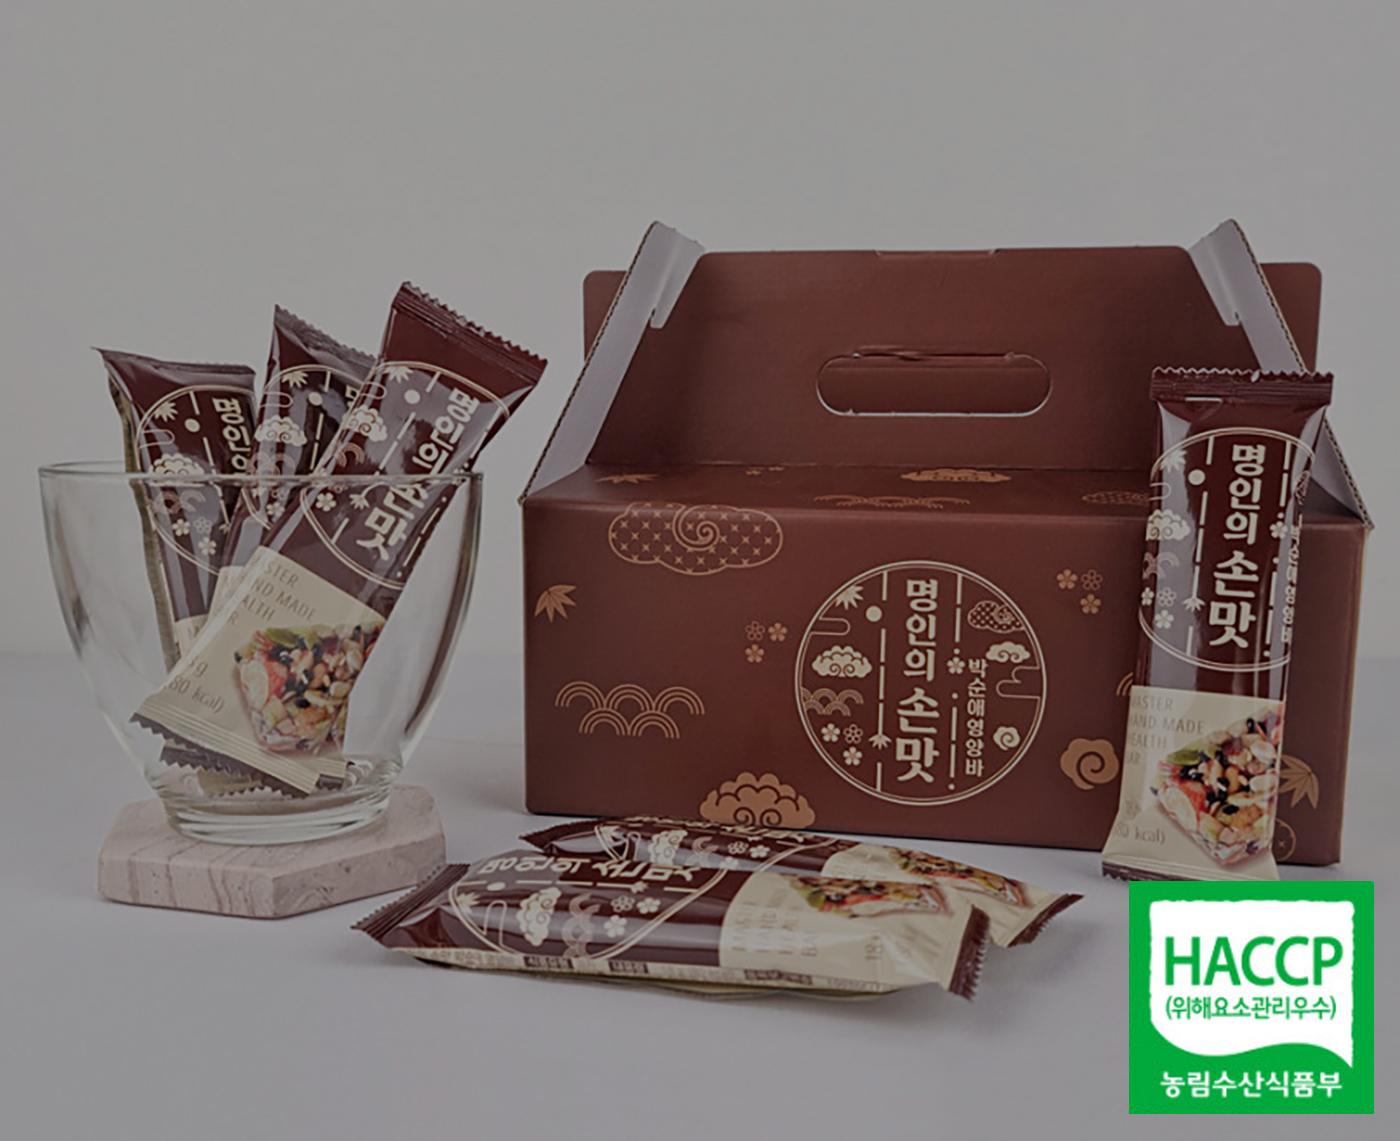 [박순애 명인] 수제 견과 유기농 영양바 세트(30개입) 상세이미지5